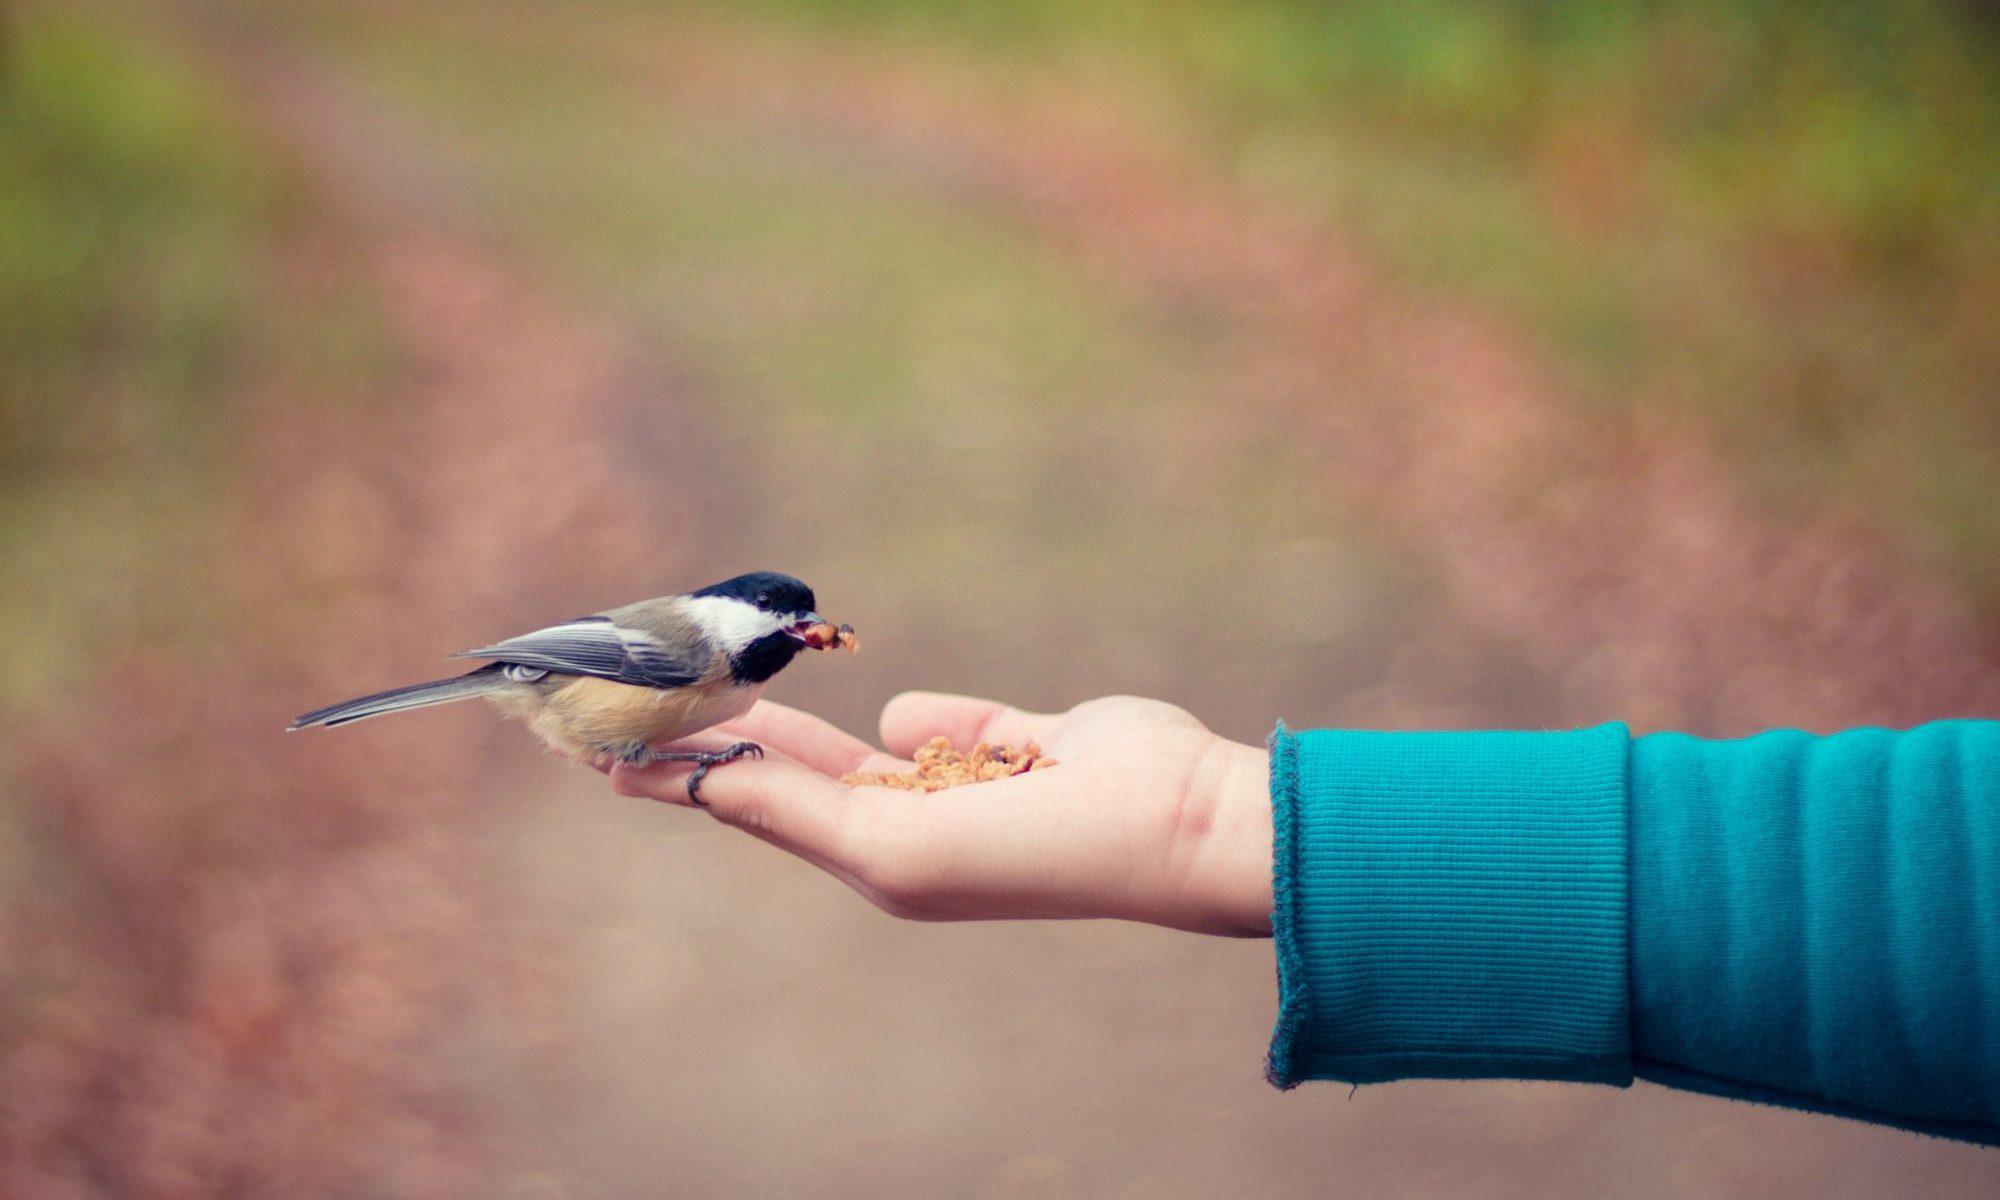 餌で手にのった小鳥